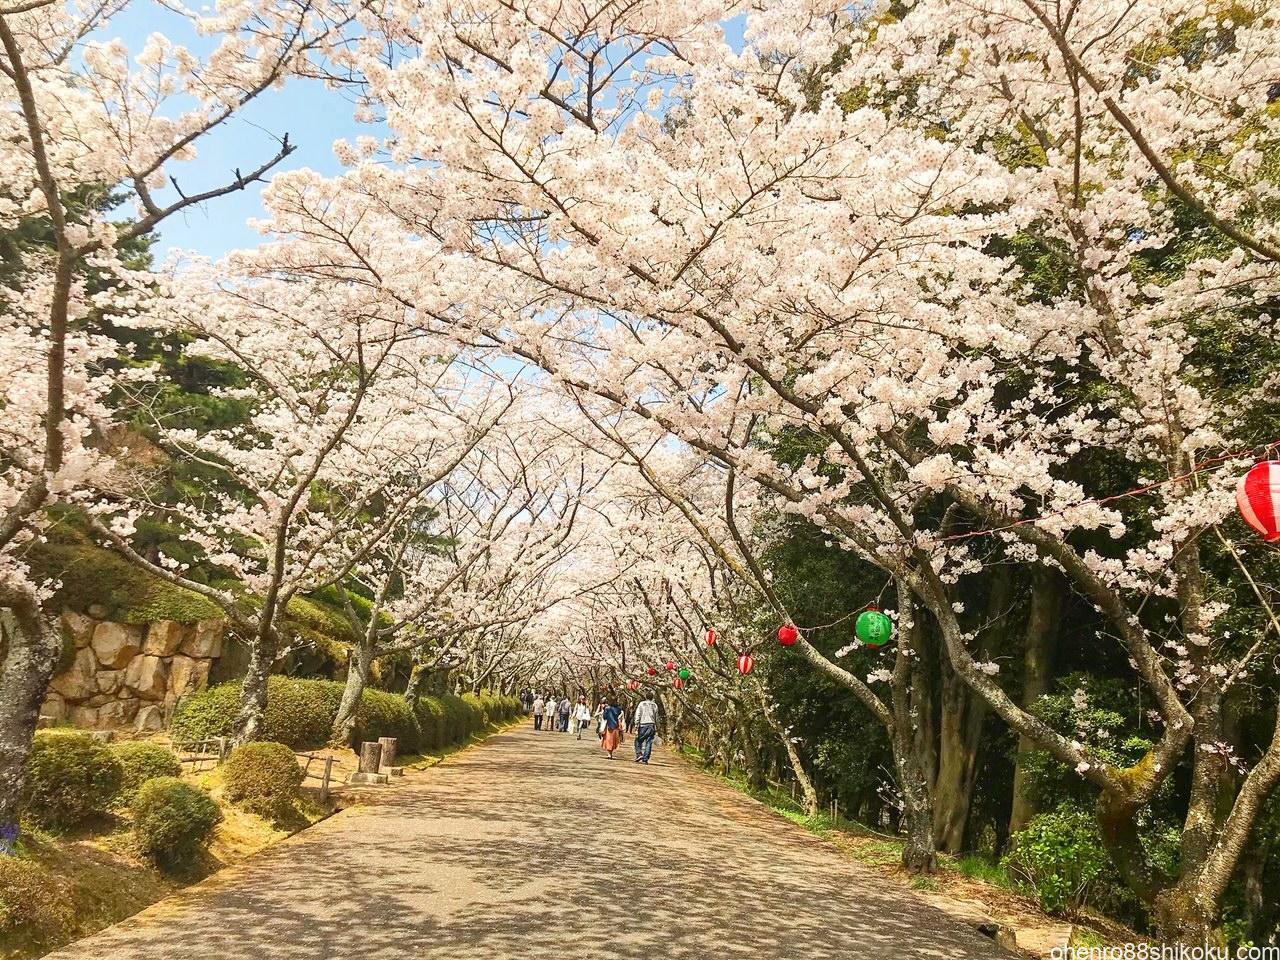 公渕公園の桜並木